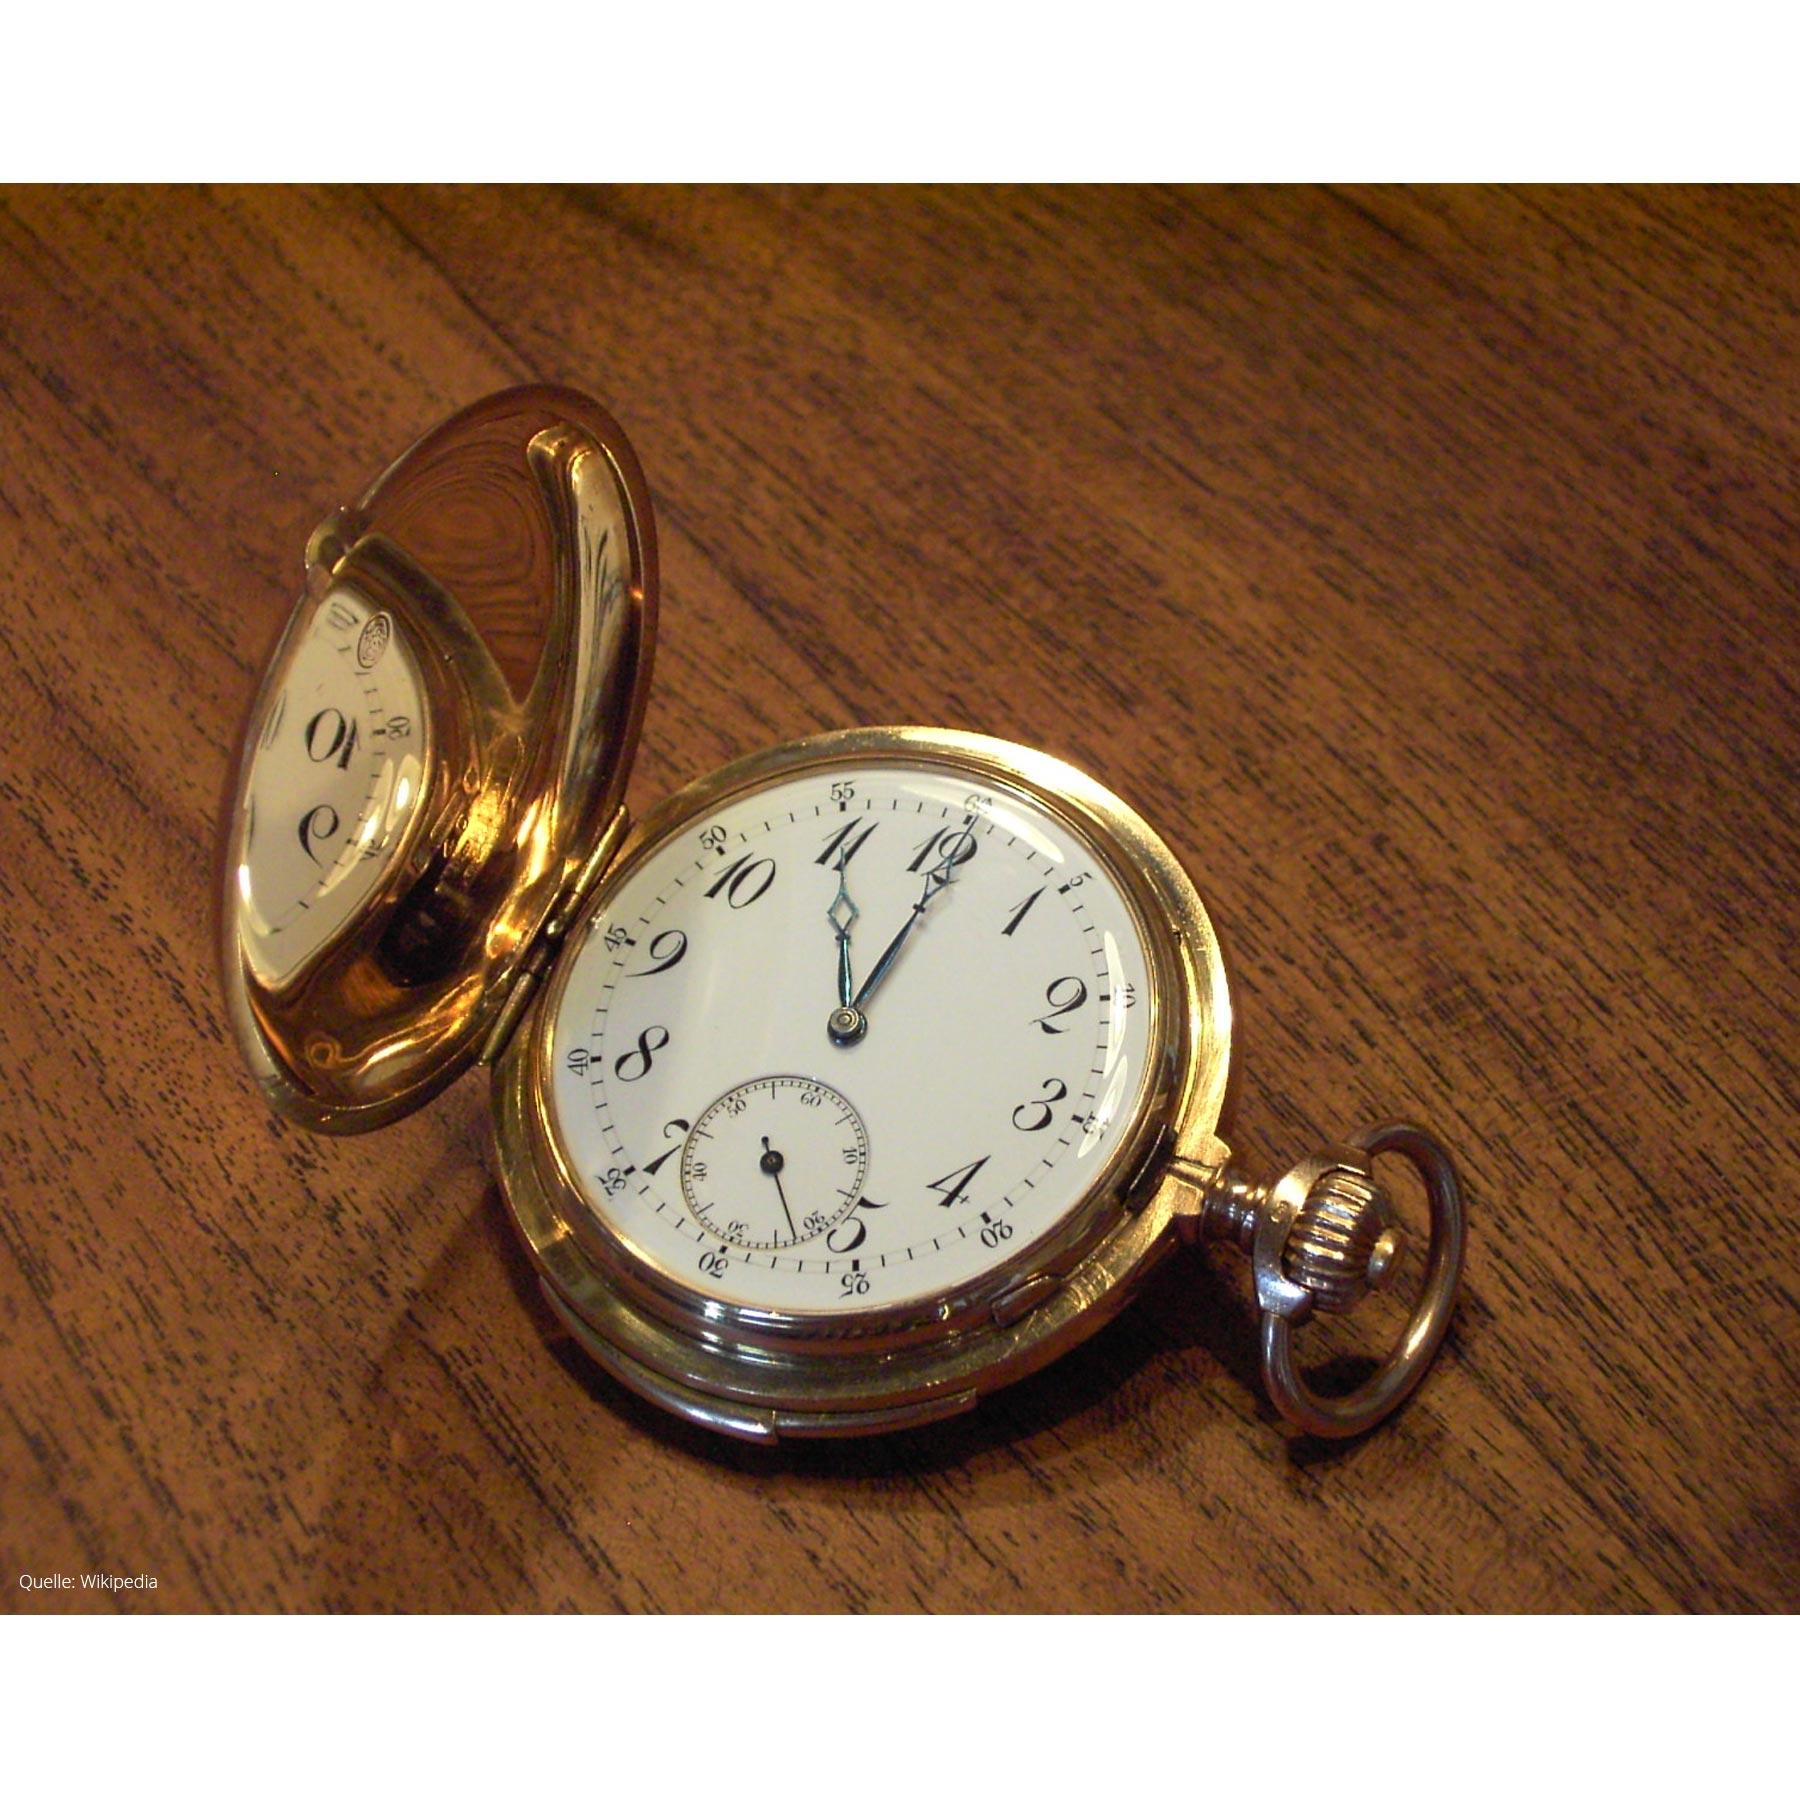 Taschenuhr  Die besten Taschenuhren für Männer - modern, retro oder klassisch